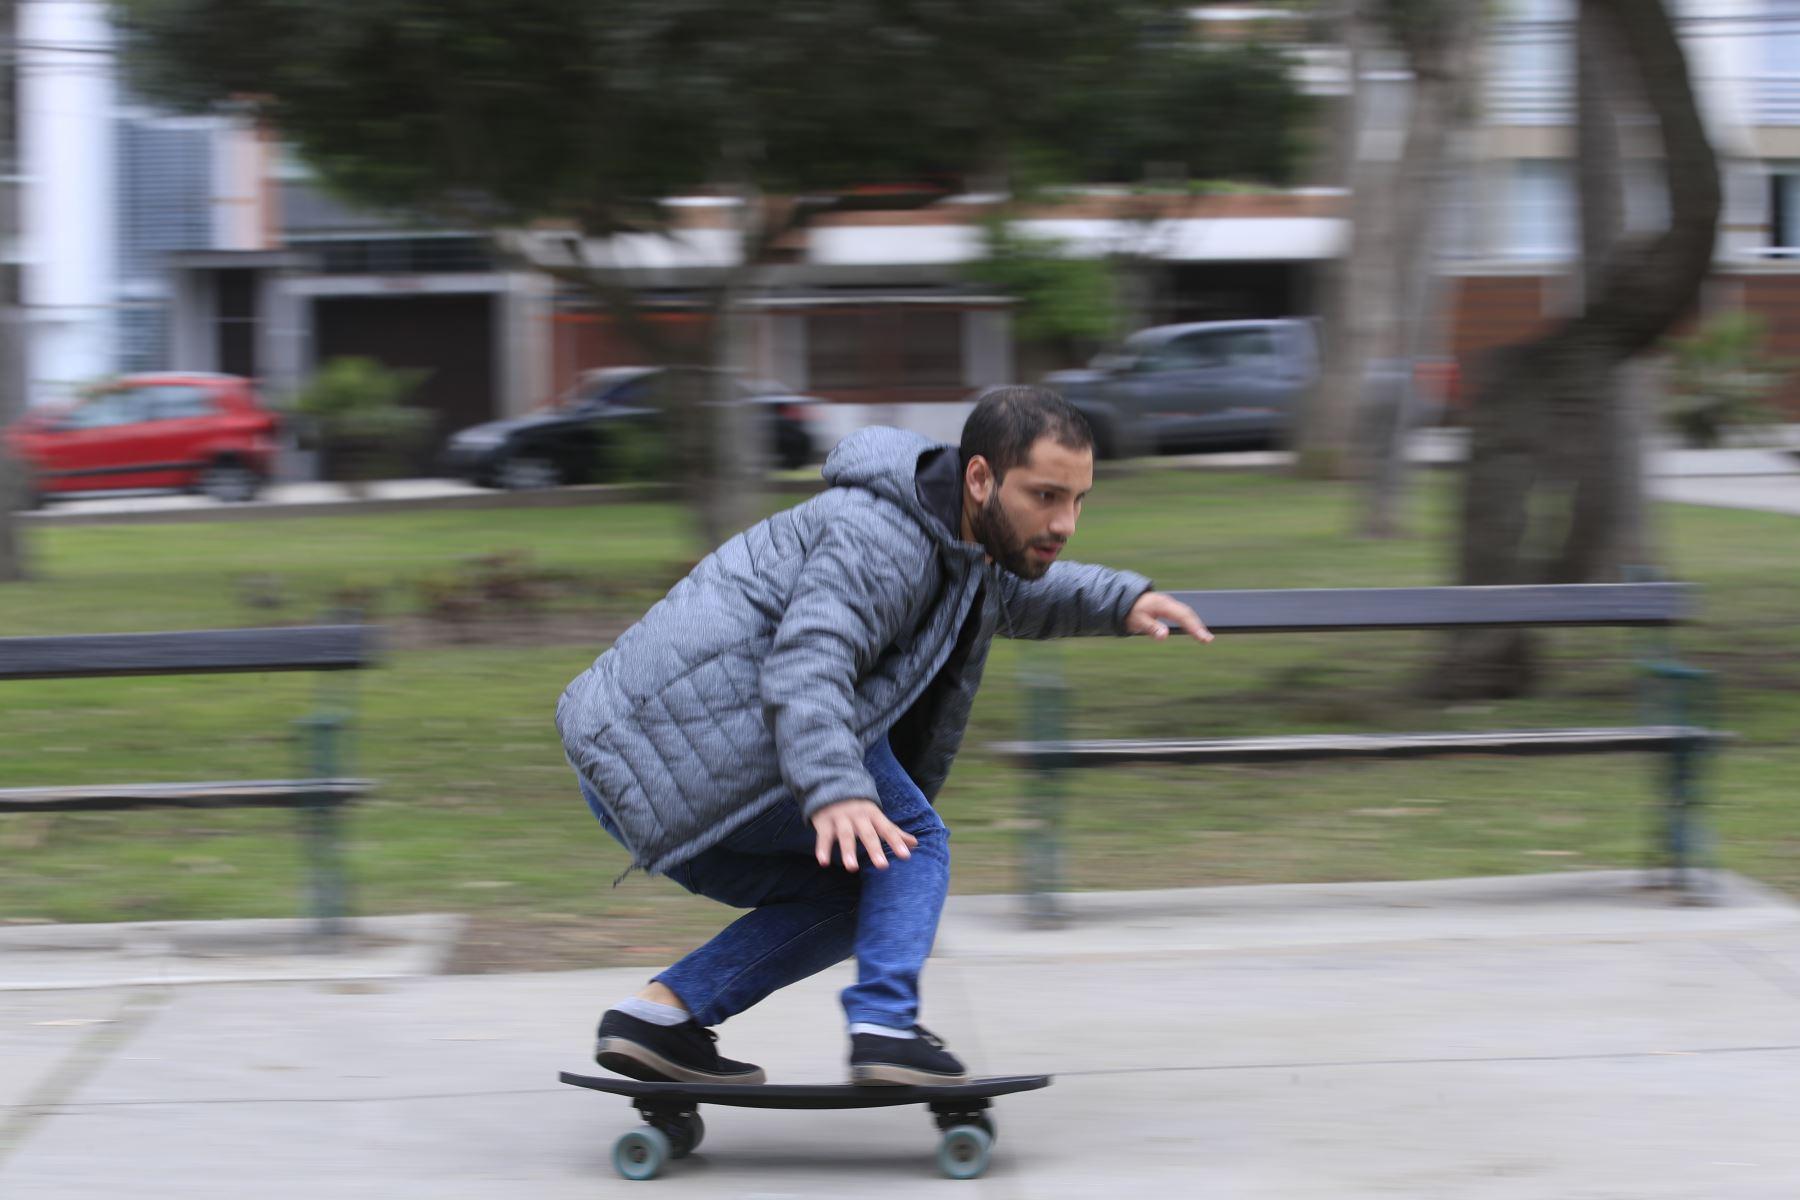 Jóvenes investigaron durante nueve meses hasta que fabricaron el ejemplar ideal del skate, que tiene un balance entre la dureza y flexibilidad. Foto: ANDINA/Juan Carlos GuzmánANDINA/Juan Carlos Guzmán